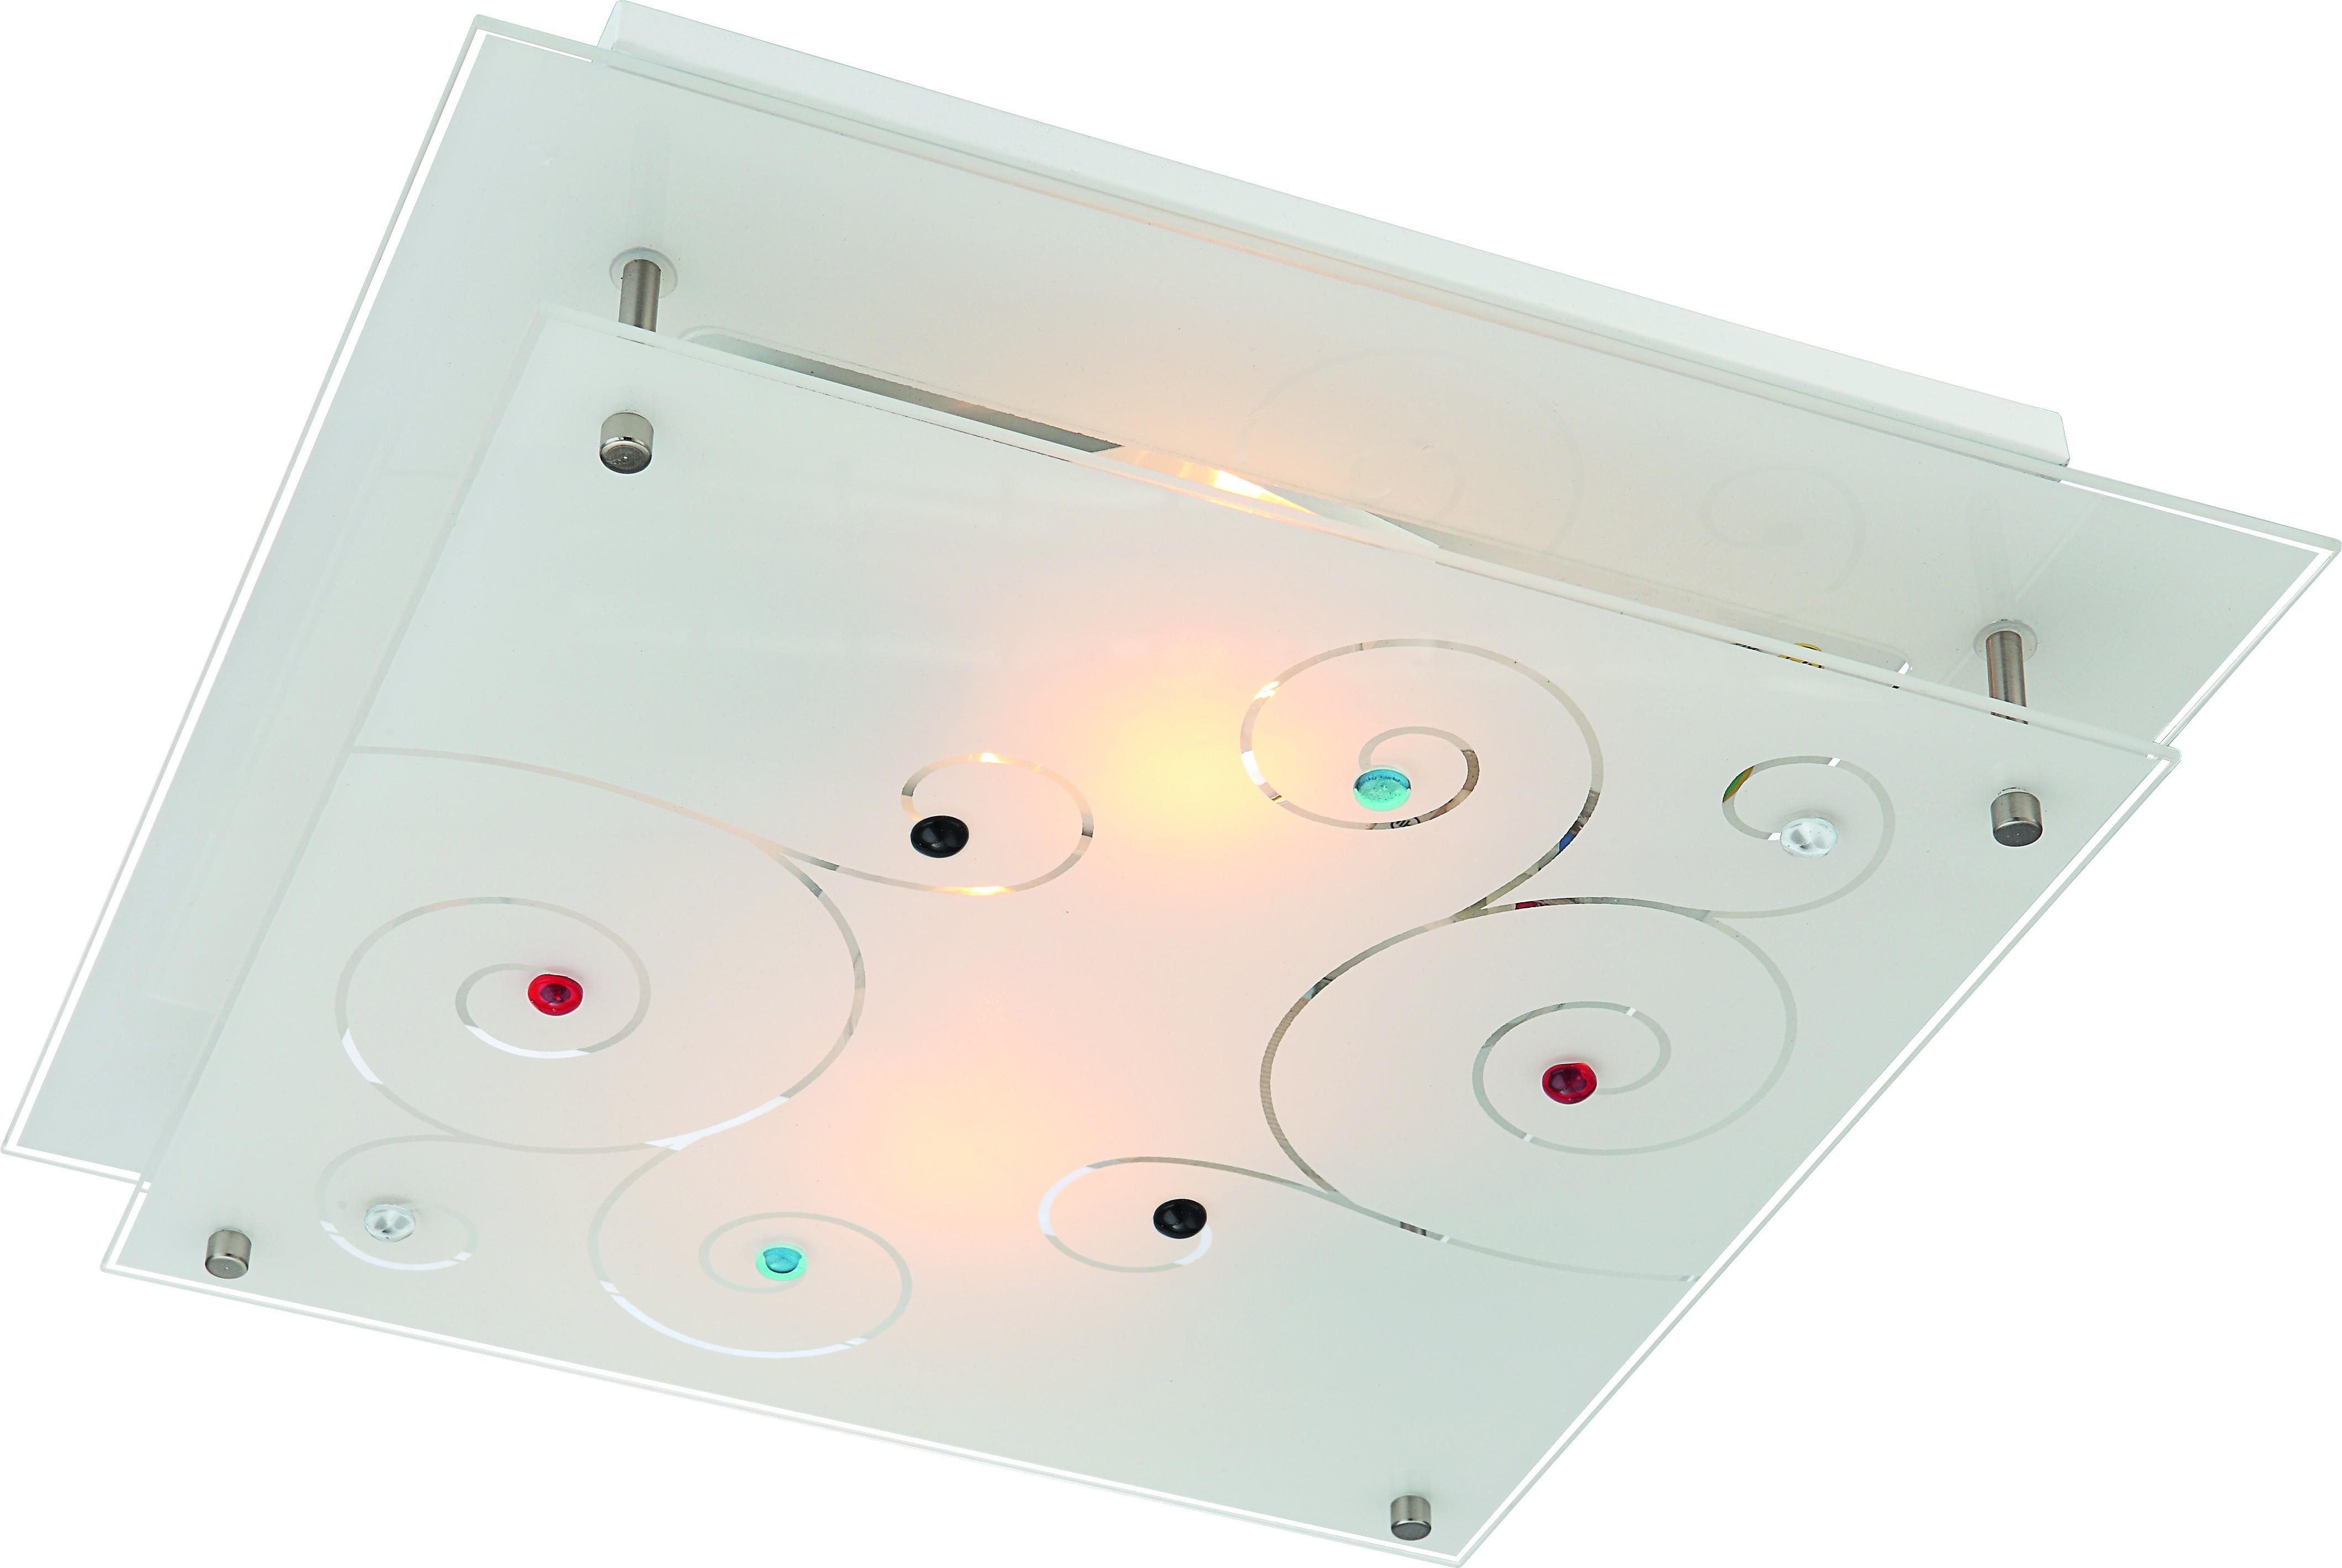 Светильник настенно-потолочный Arte lamp A4814pl-2cc светильник настенно потолочный arte lamp jasmine a4040pl 2cc 2x60вт e27 хром